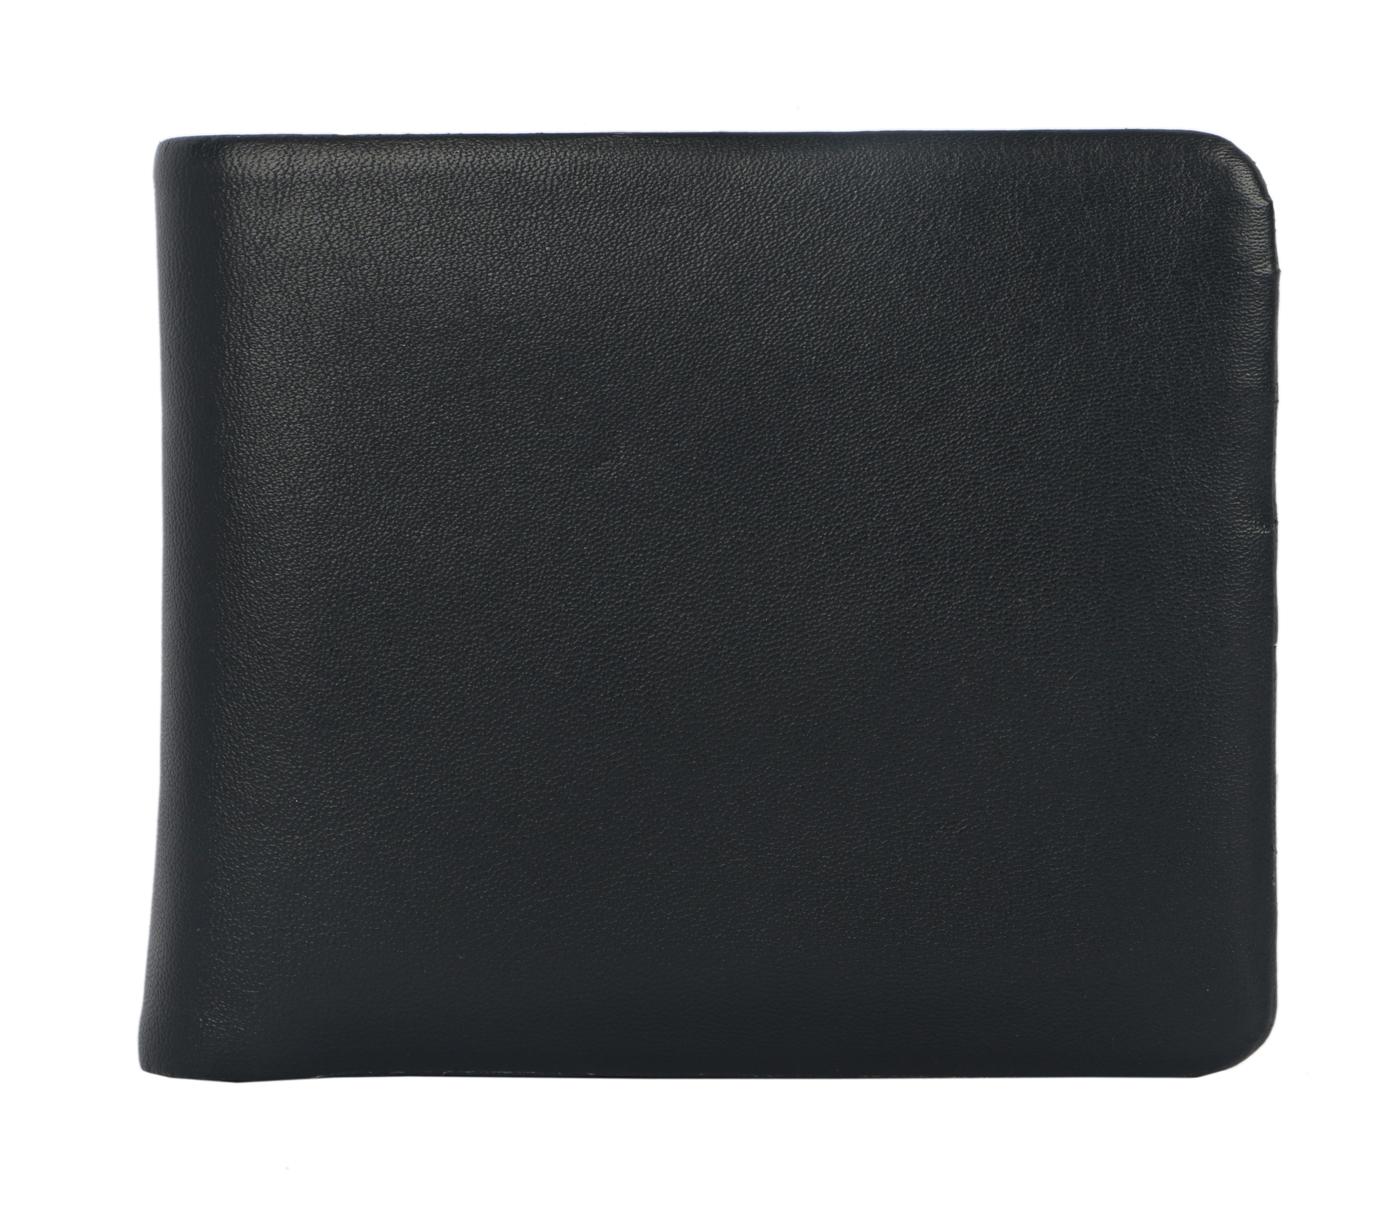 Almeda Leather Wallet(Black)VW3